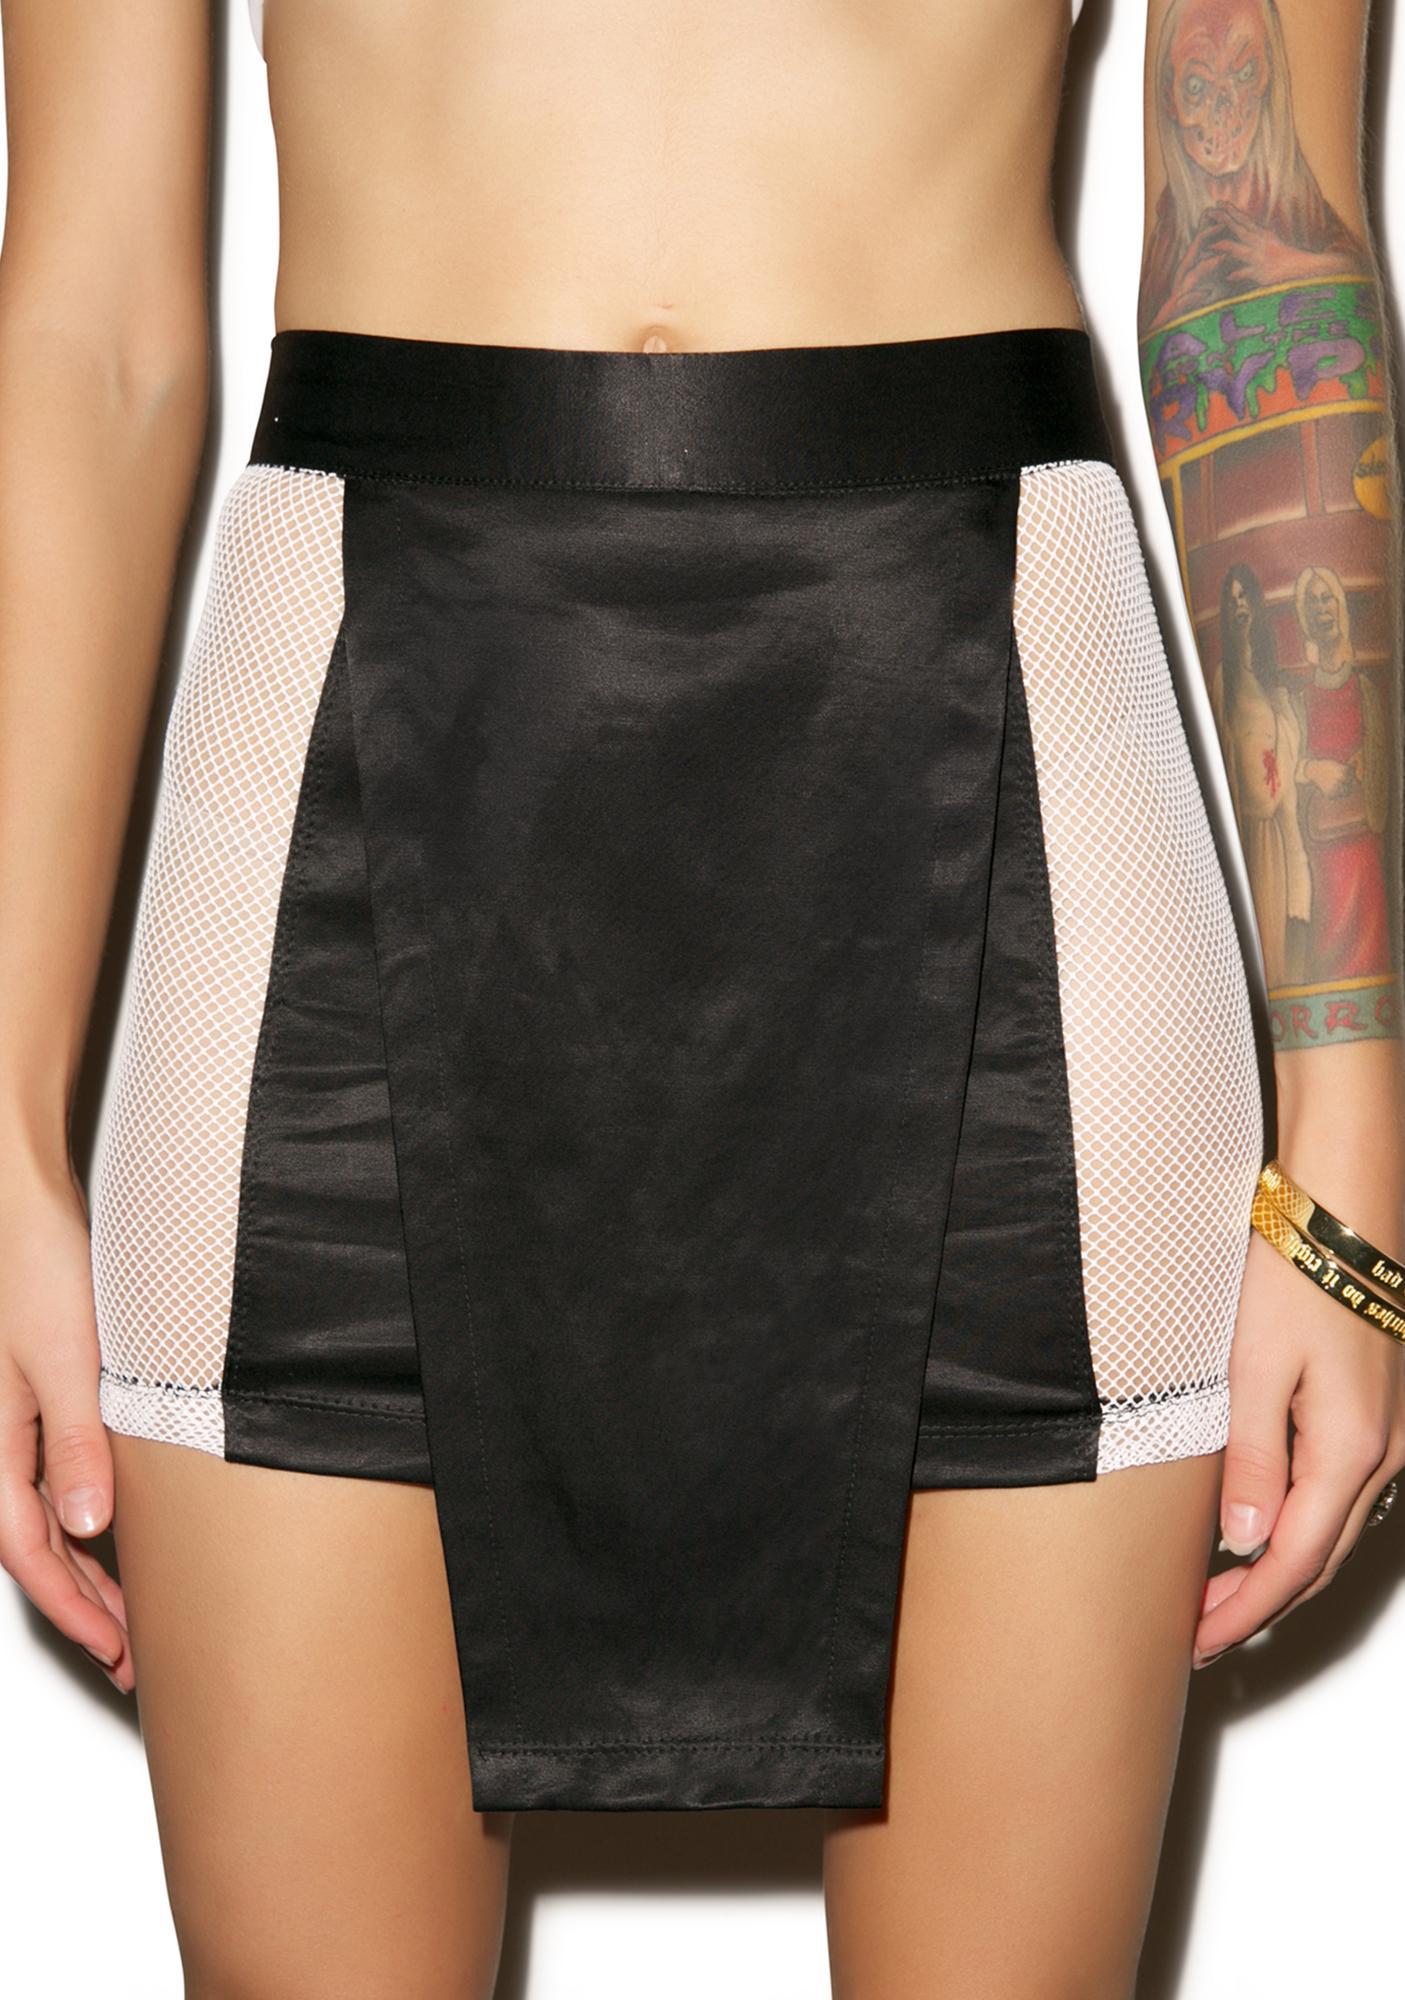 This Is A Love Song Twerk Skirt